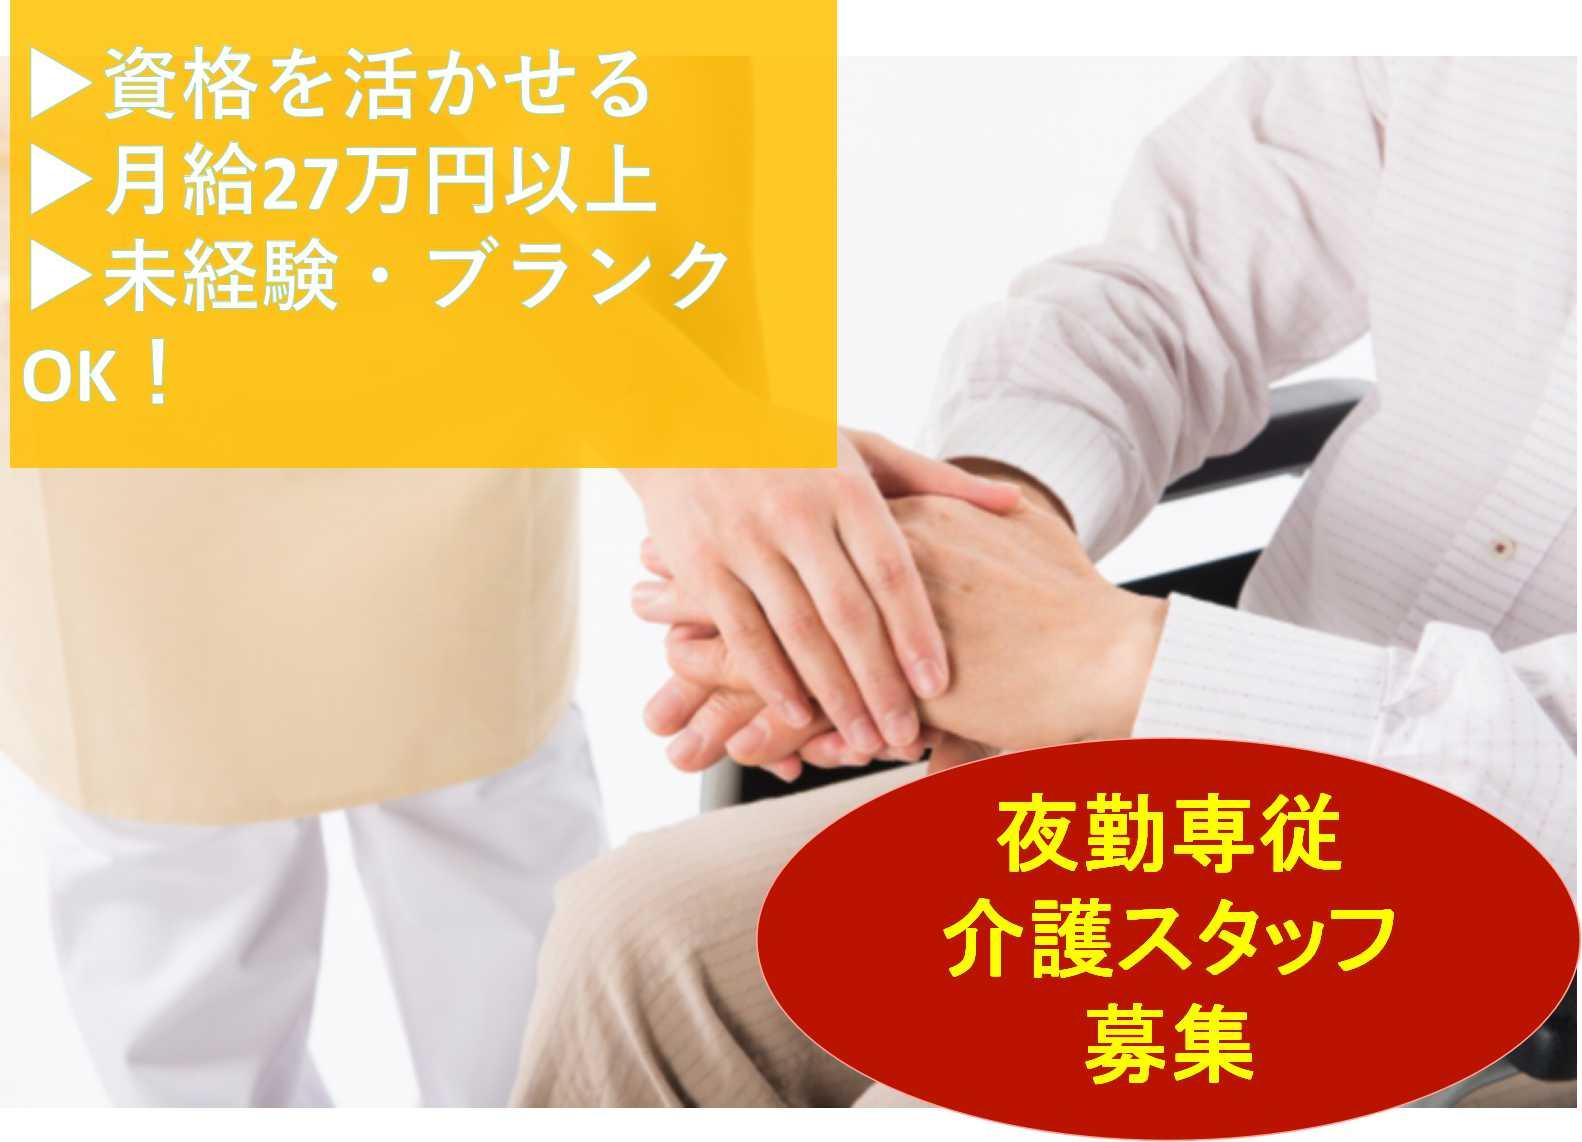 資格を活かせる◎月給27万円以上♪夜勤専従介護スタッフ【即面談可能】 イメージ